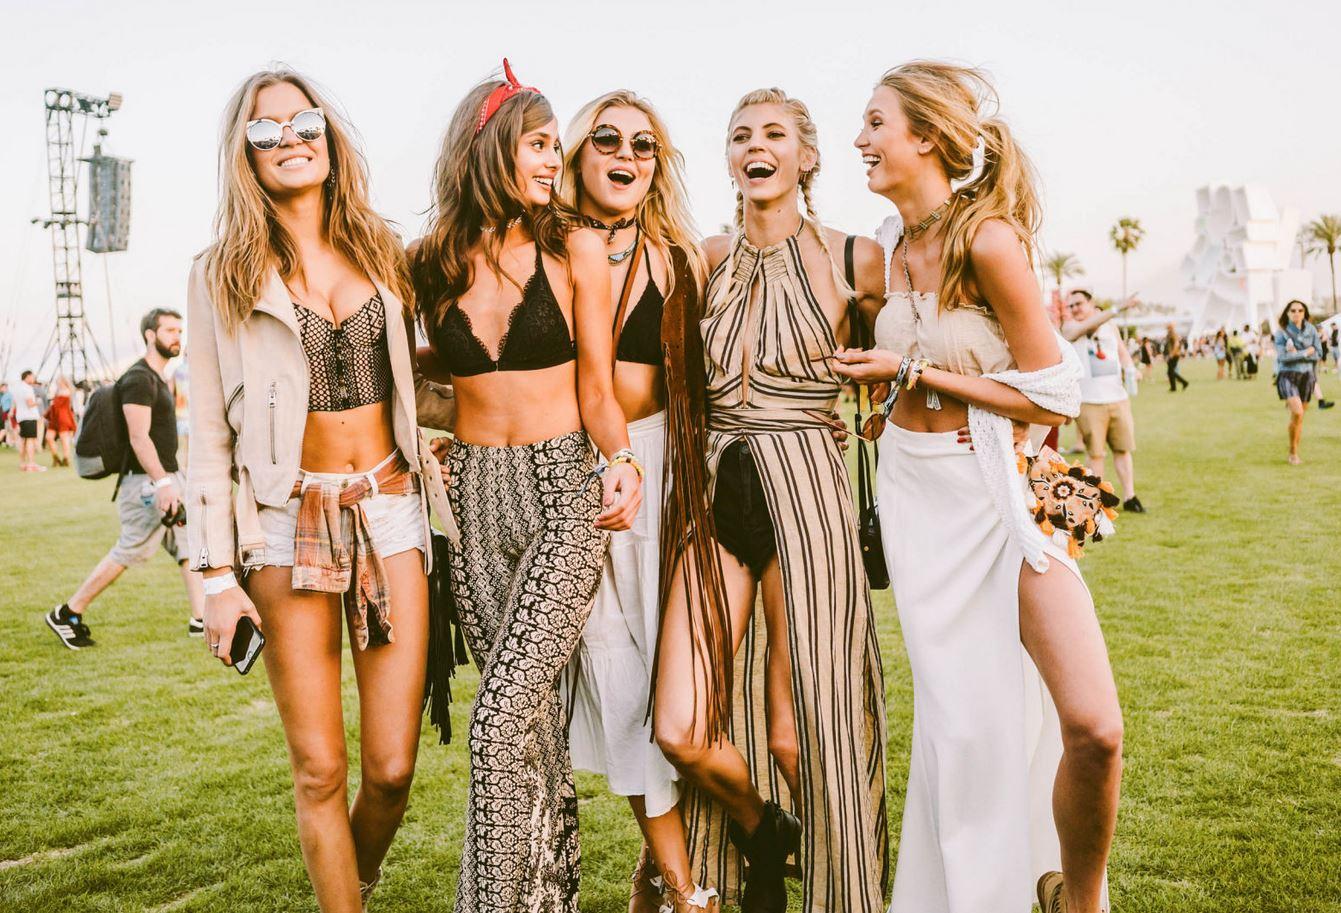 kleding op festival